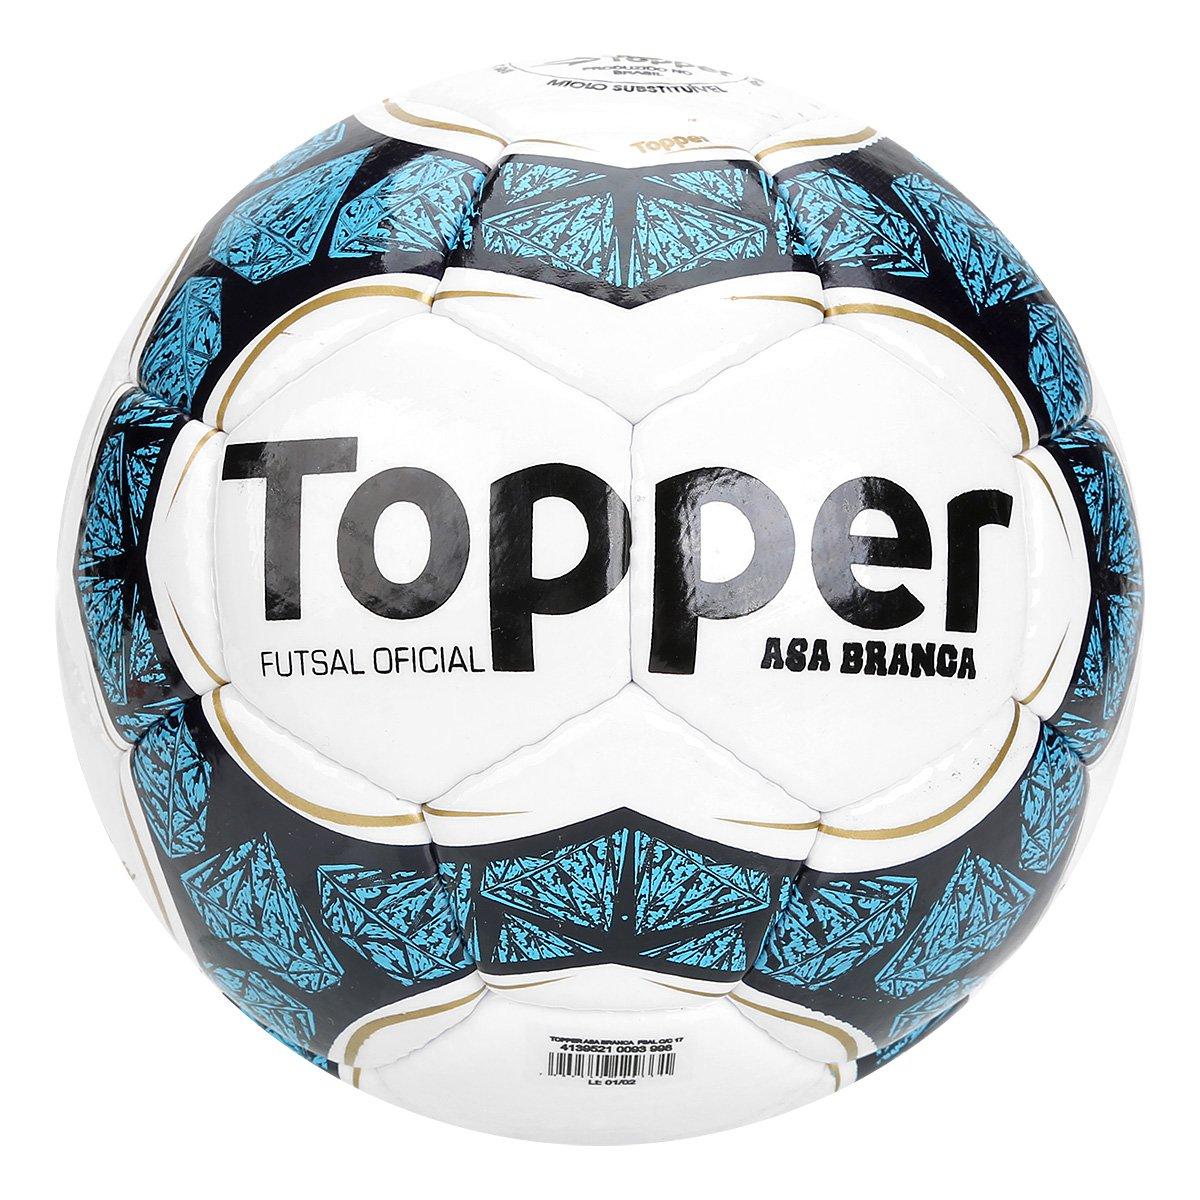 2e1351f78ee1d Bola Futsal Topper Asa Branca II - Branco e Azul - Compre Agora ...